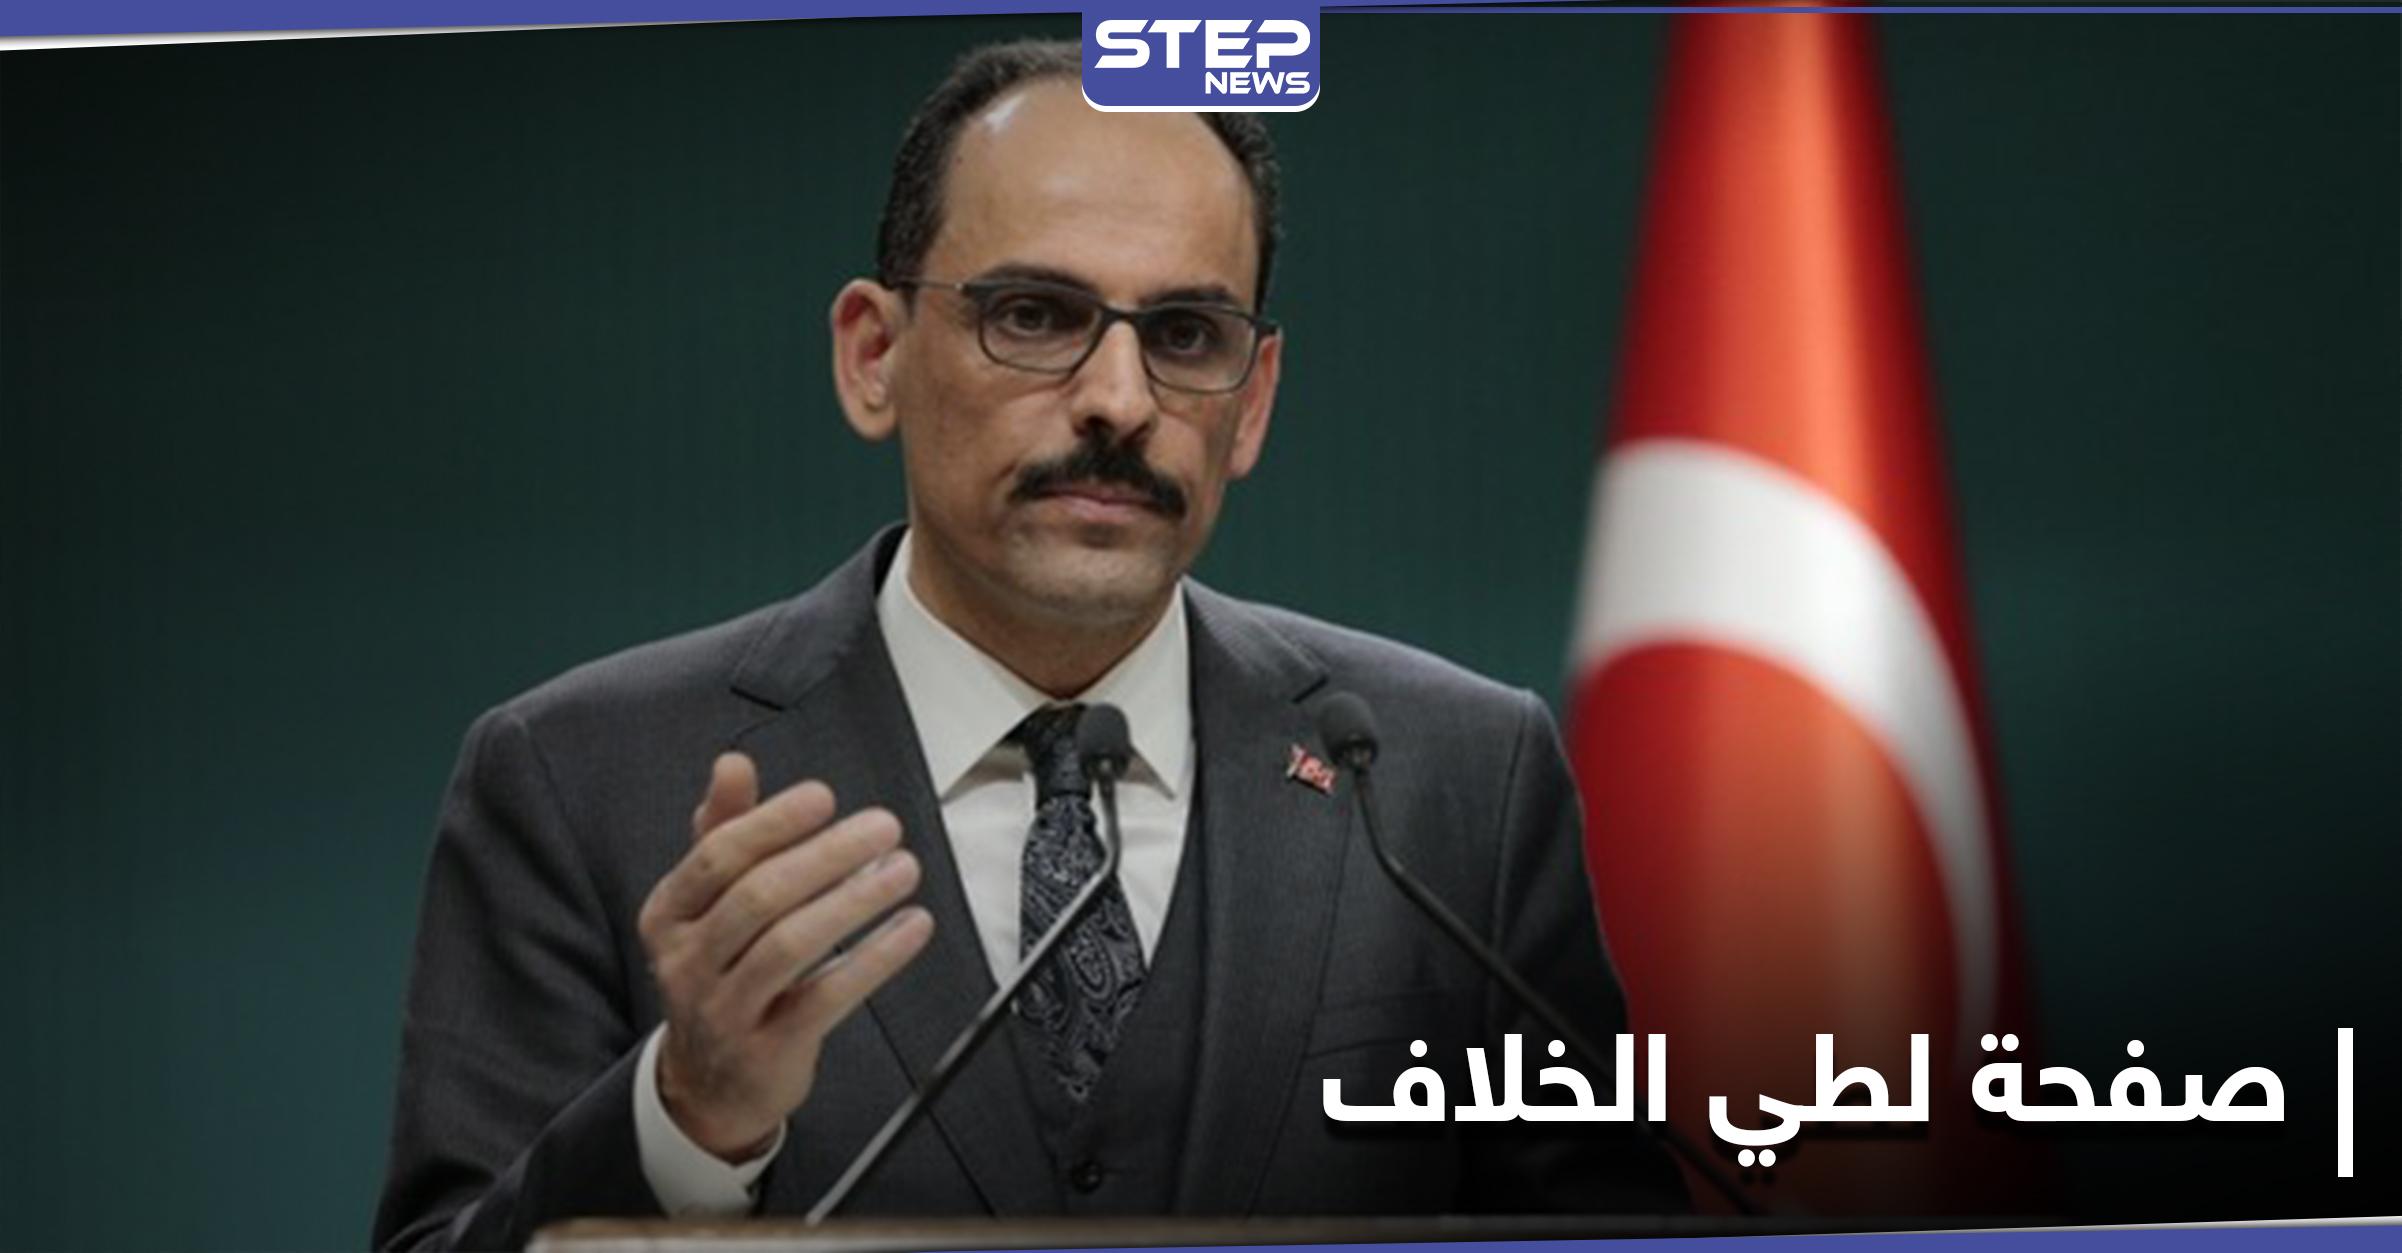 الرئاسة التركية: مستعدون لفتح صفحة جديدة مع مصر ودول الخليج